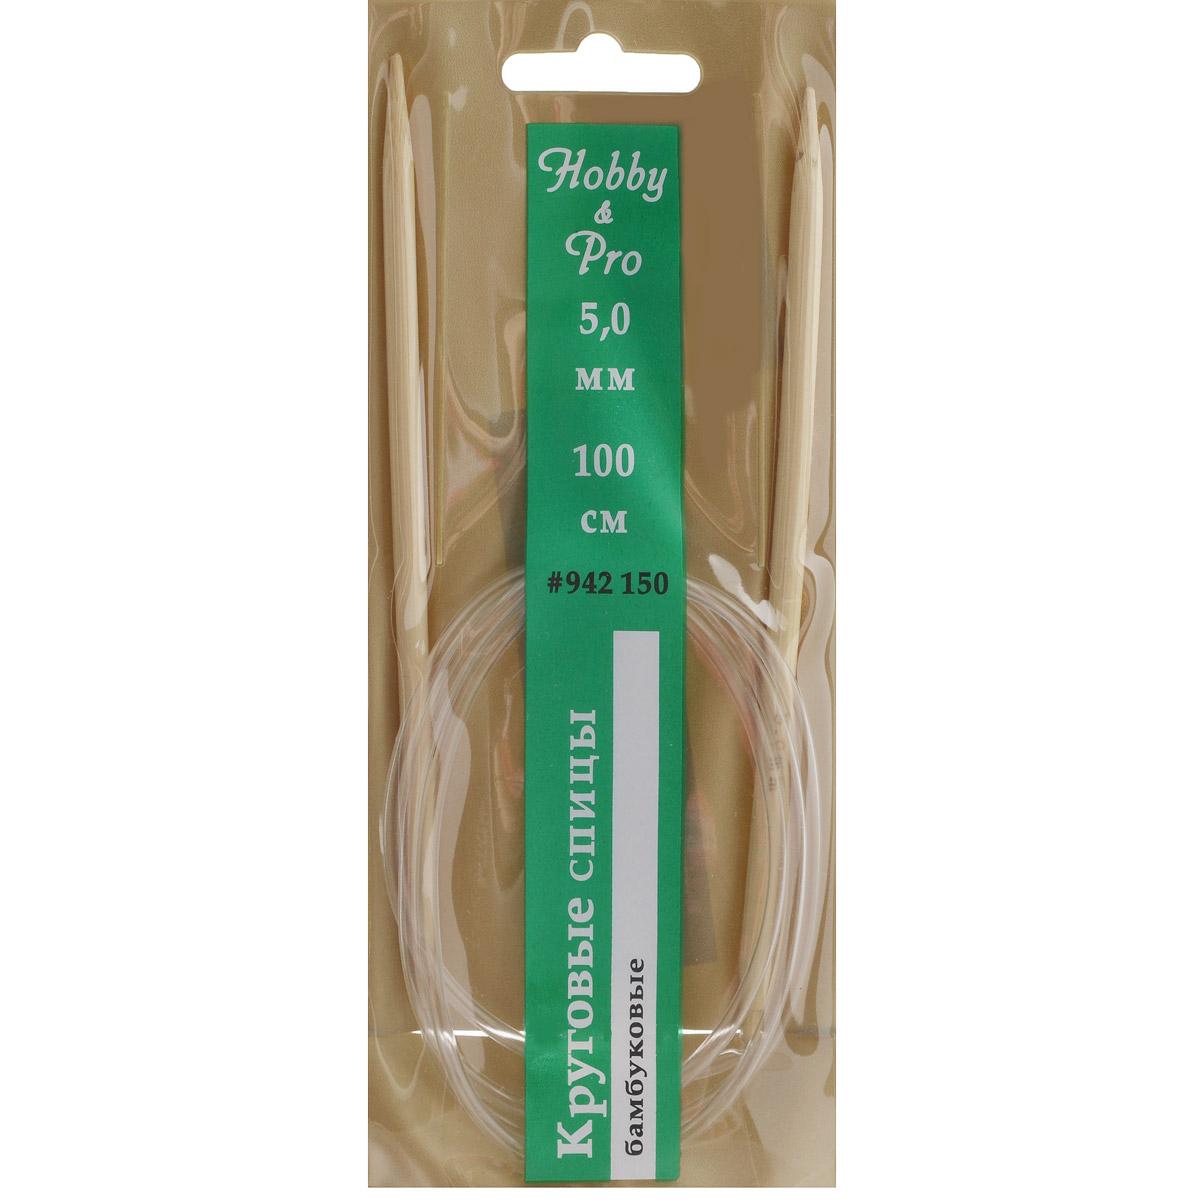 Спицы Hobby & Pro, бамбуковые, круговые, диаметр 5 мм, длина 100 см7700983Спицы для вязания Hobby & Pro изготовлены из натурального бамбука. Кончики спиц закругленные. Спицы скреплены гибким пластиковым шнуром. Круговые спицы наиболее удобны для выполнения деталей и изделий, не имеющих швов. Короткими круговыми спицами вяжут бейки горловины, воротники-гольф, длинными спицами можно вязать по кругу целые модели. Спицы прочные, легкие, гладкие, удобные в использовании. Вы сможете вязать для себя, делать подарки друзьям. Рукоделие всегда считалось изысканным, благородным делом. Работа, сделанная своими руками, долго будет радовать вас и ваших близких.